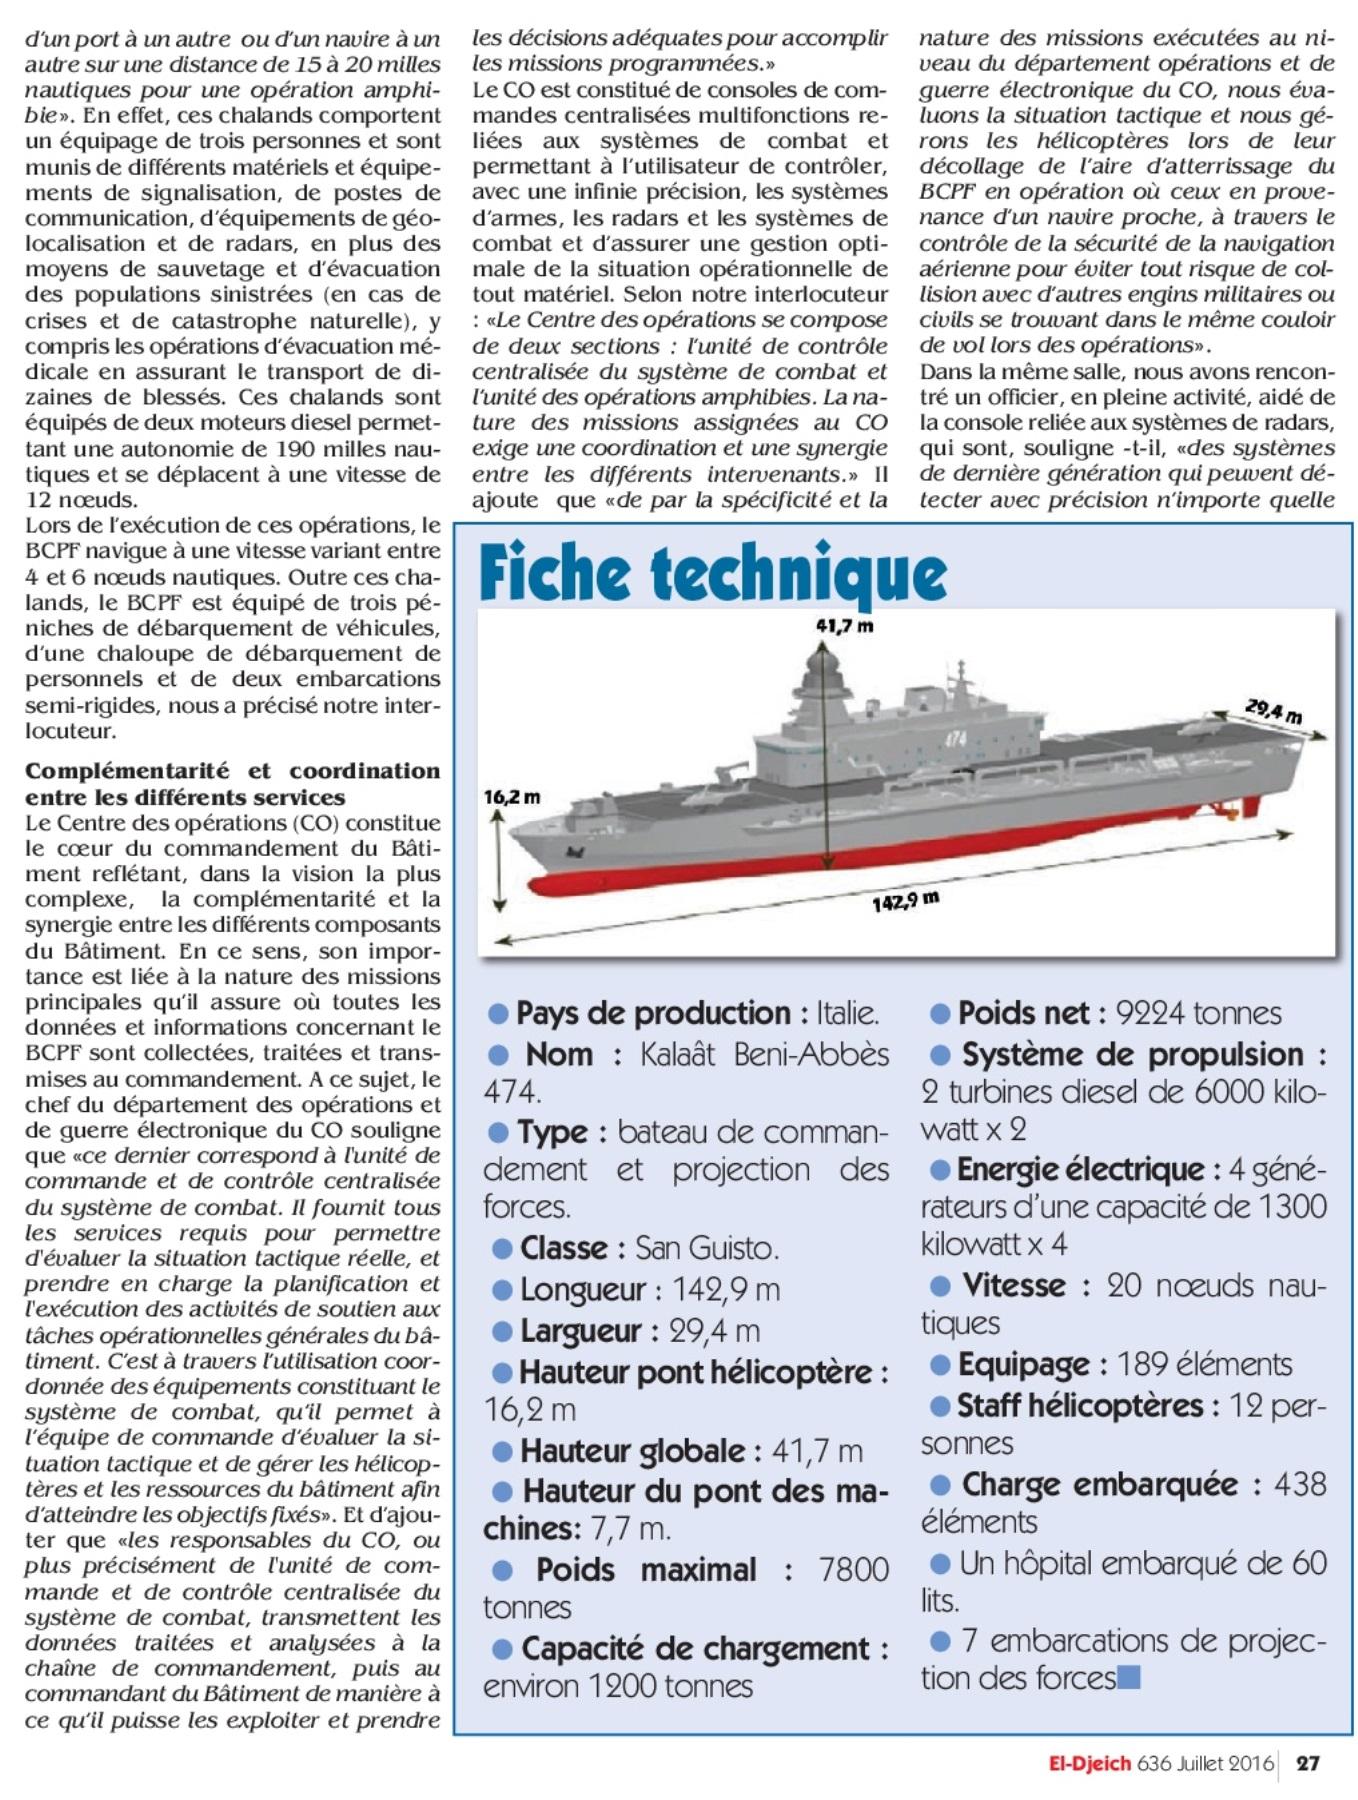 Armée Algérienne (ANP) - Tome XIV - Page 37 28318944376_0fd40ee36e_o